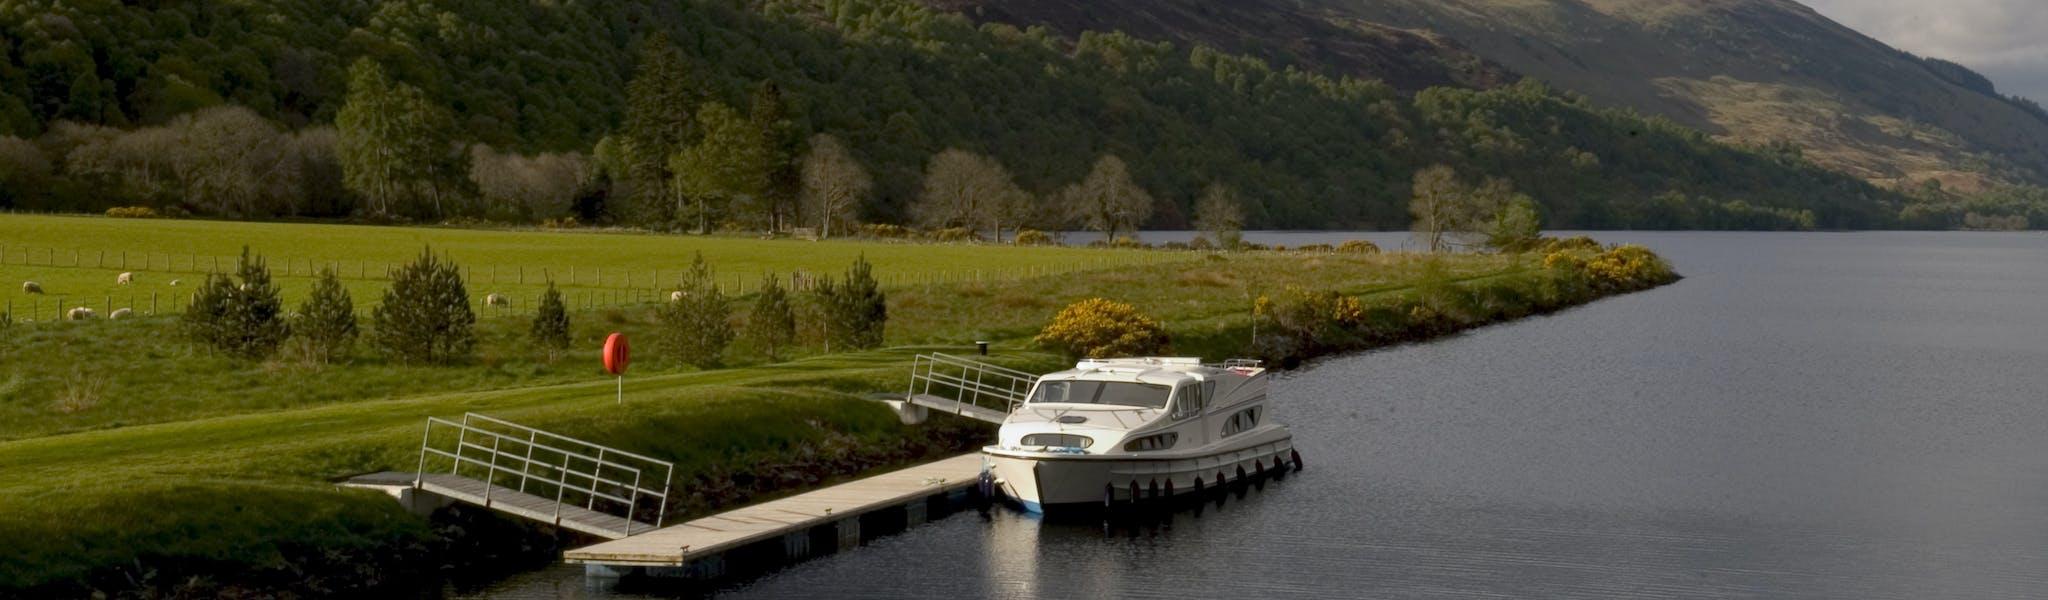 Caledonisch kanaal Schotland